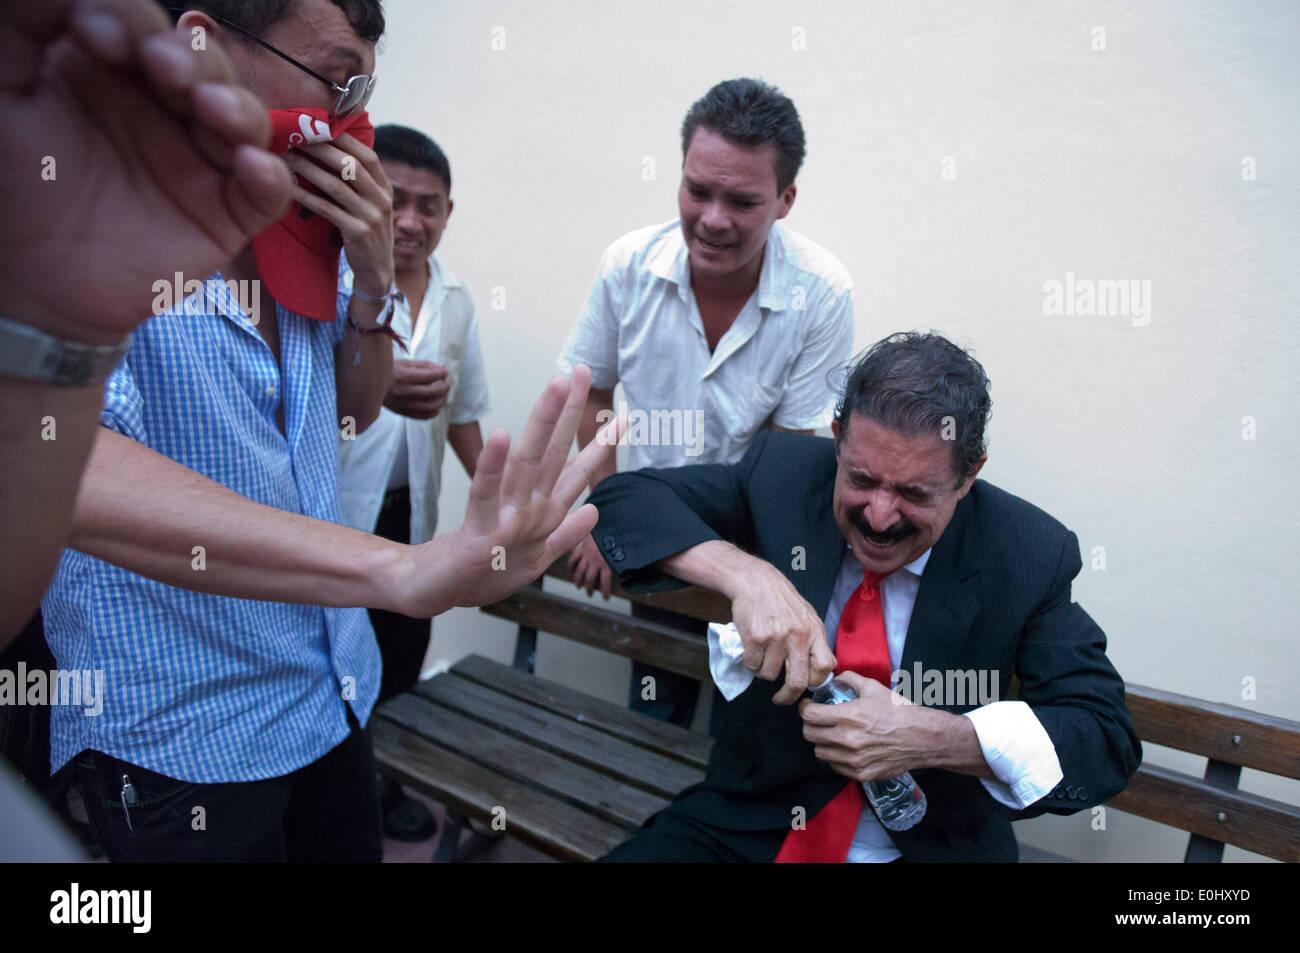 Tegucigalpa, Honduras. 13 mai, 2014. L'ex-Président du Honduras Manuel Zelaya (R) réagit après touchés par les gaz lacrymogènes et d'être évacué avec ses partisans du Congrès national, à Tegucigalpa, Honduras, le 13 mai 2014. Partisans et des députés du Parti de la refondation et de la Liberté (Libre, pour son sigle en espagnol), la seconde force politique au Honduras, a éclaté dans le Congrès national le mardi, après des affrontements avec des éléments de la police qui gardait le Palais législatif. Credit: Rafael Ochoa/Xinhua/Alamy Live News Banque D'Images